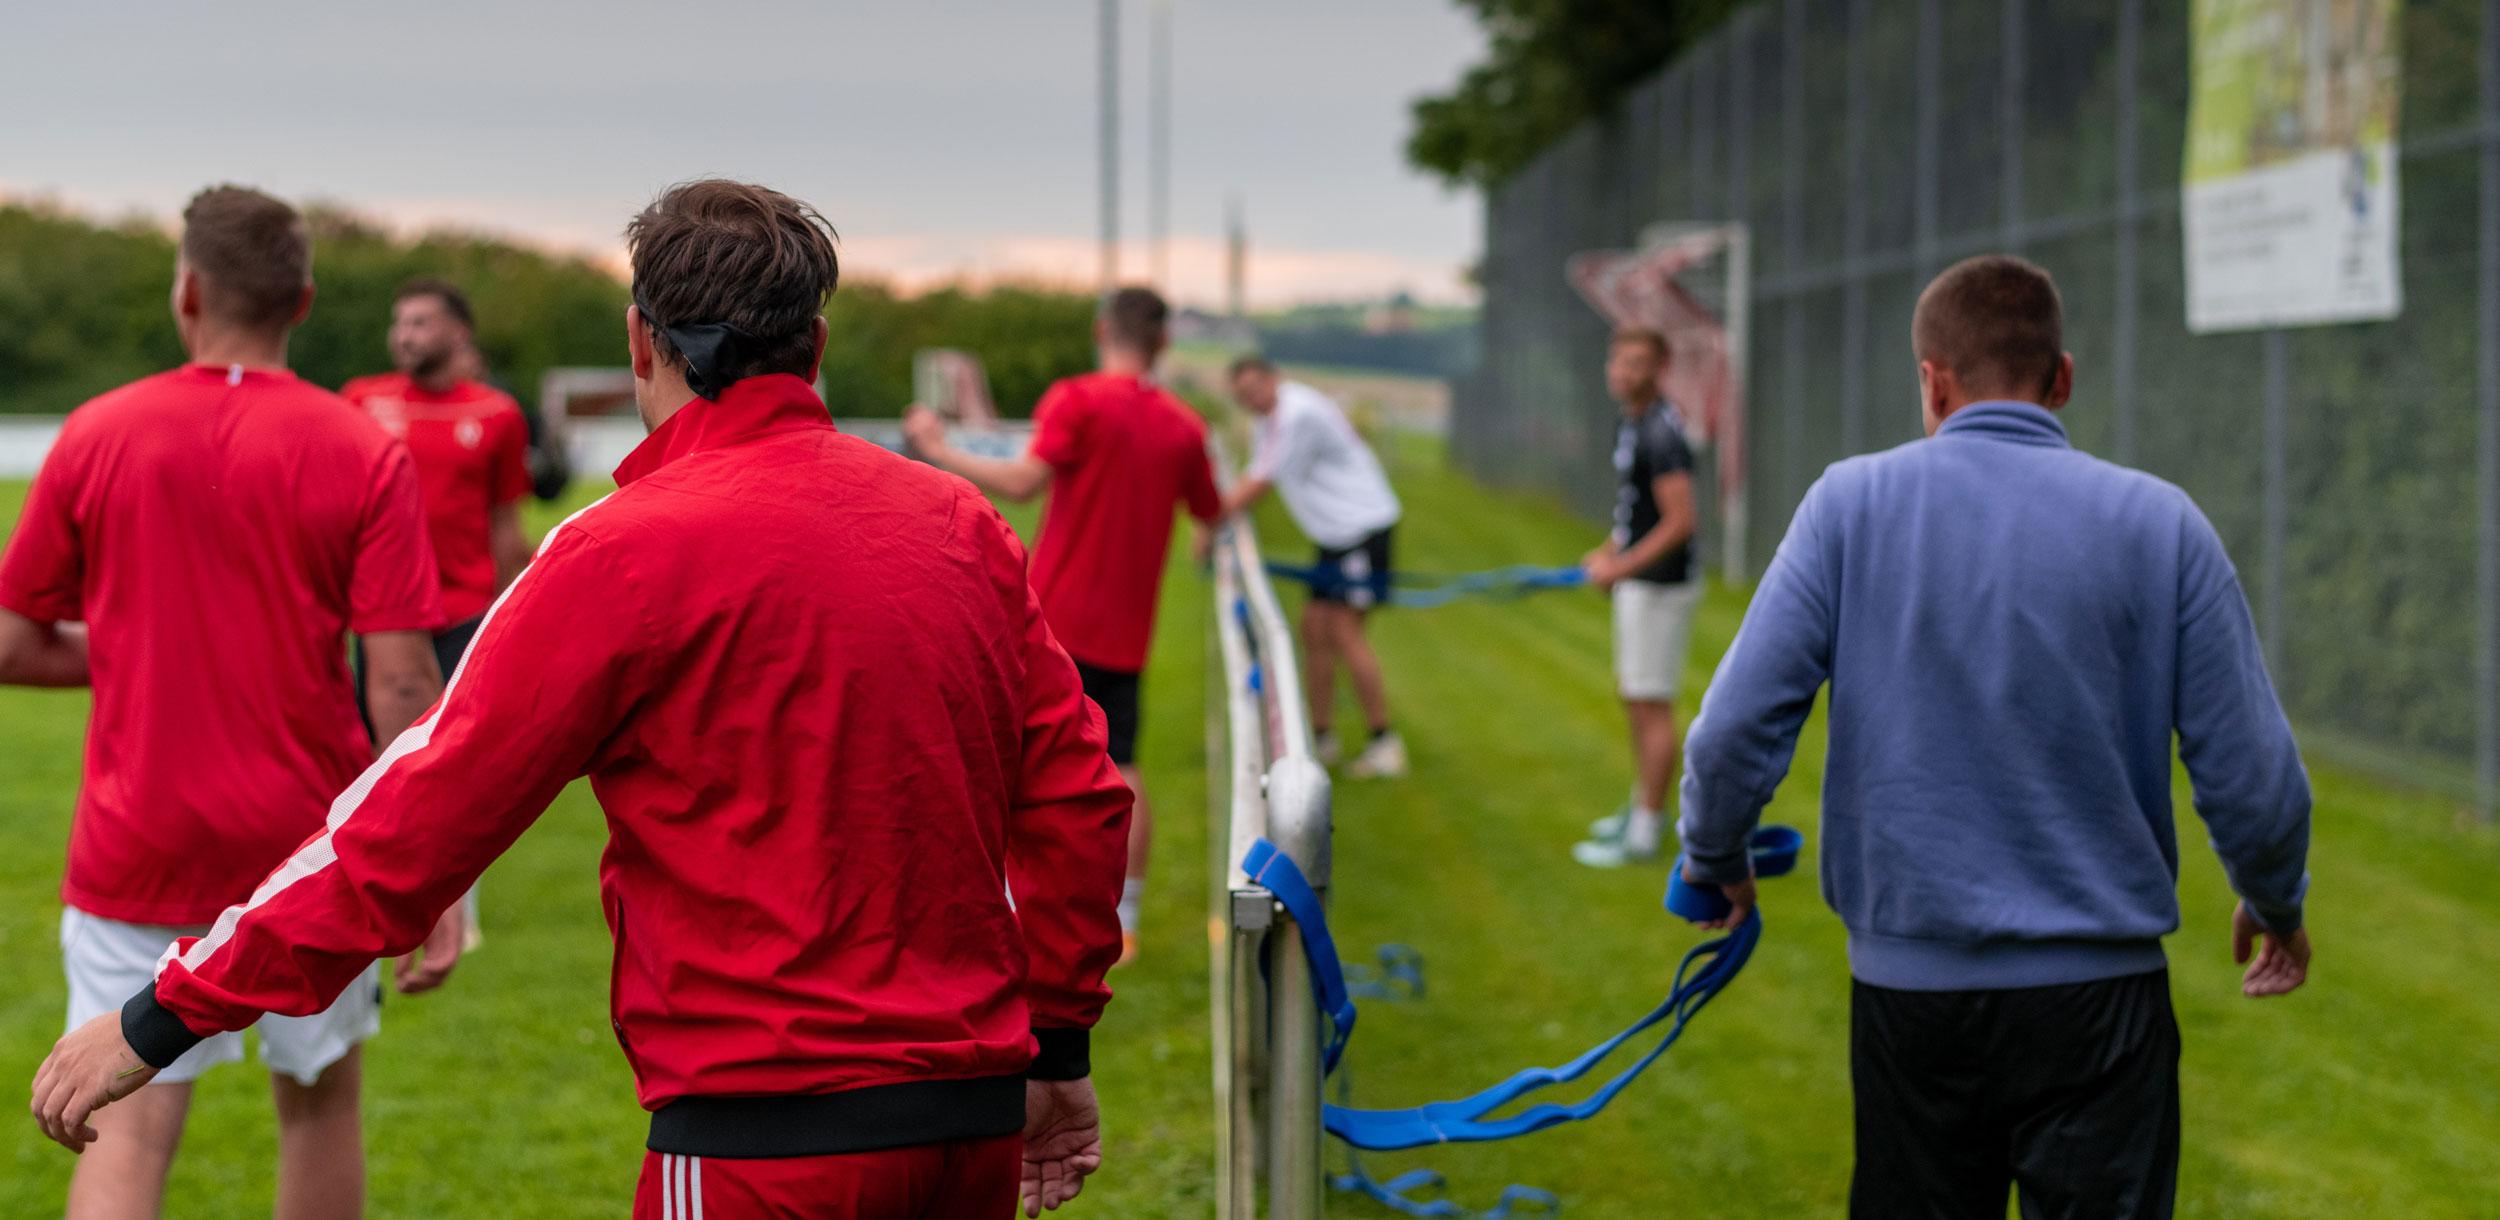 DEM GEGNER DAVONLAUFEN – ATHLETIKTRAINING im Amateurbereich – Der TSV Haag macht Corox Training